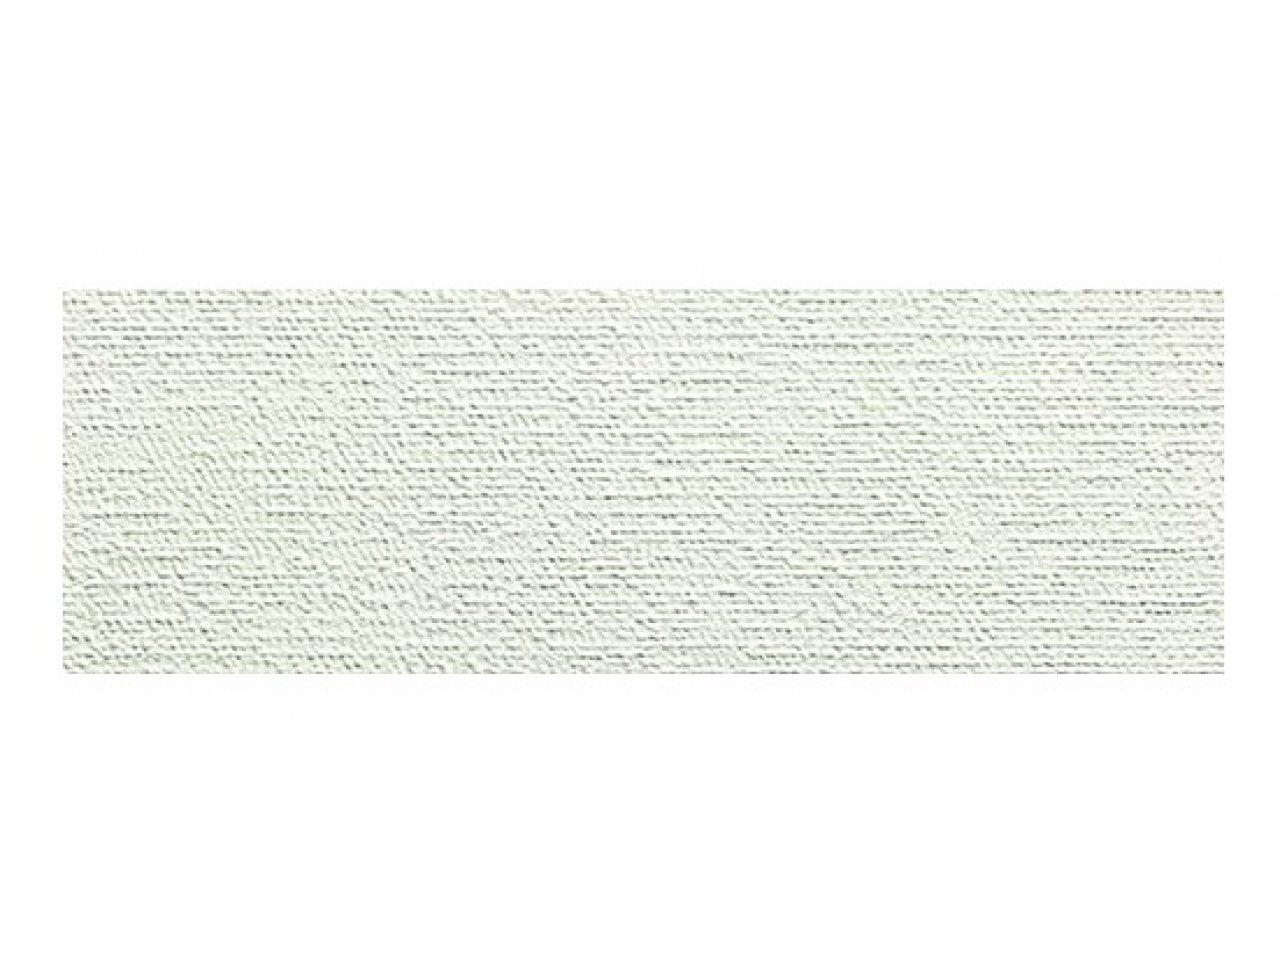 Настенная плитка FAP Color Now Dot Ghiaccio 30.5x91.5 см, Арт. fMRX